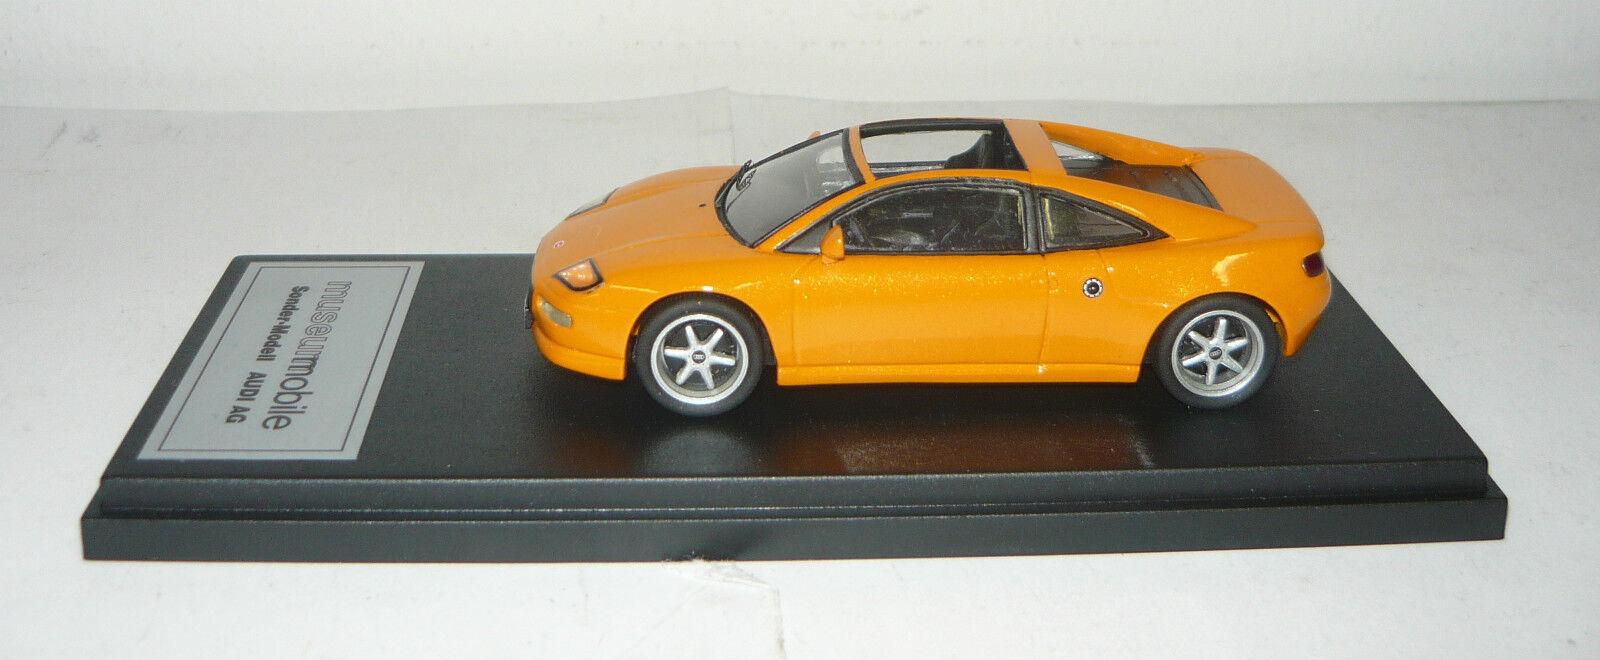 Inmocari Quattro Spyder, musée Mobile-P., à la main modèle, 1 43, neu&ovp